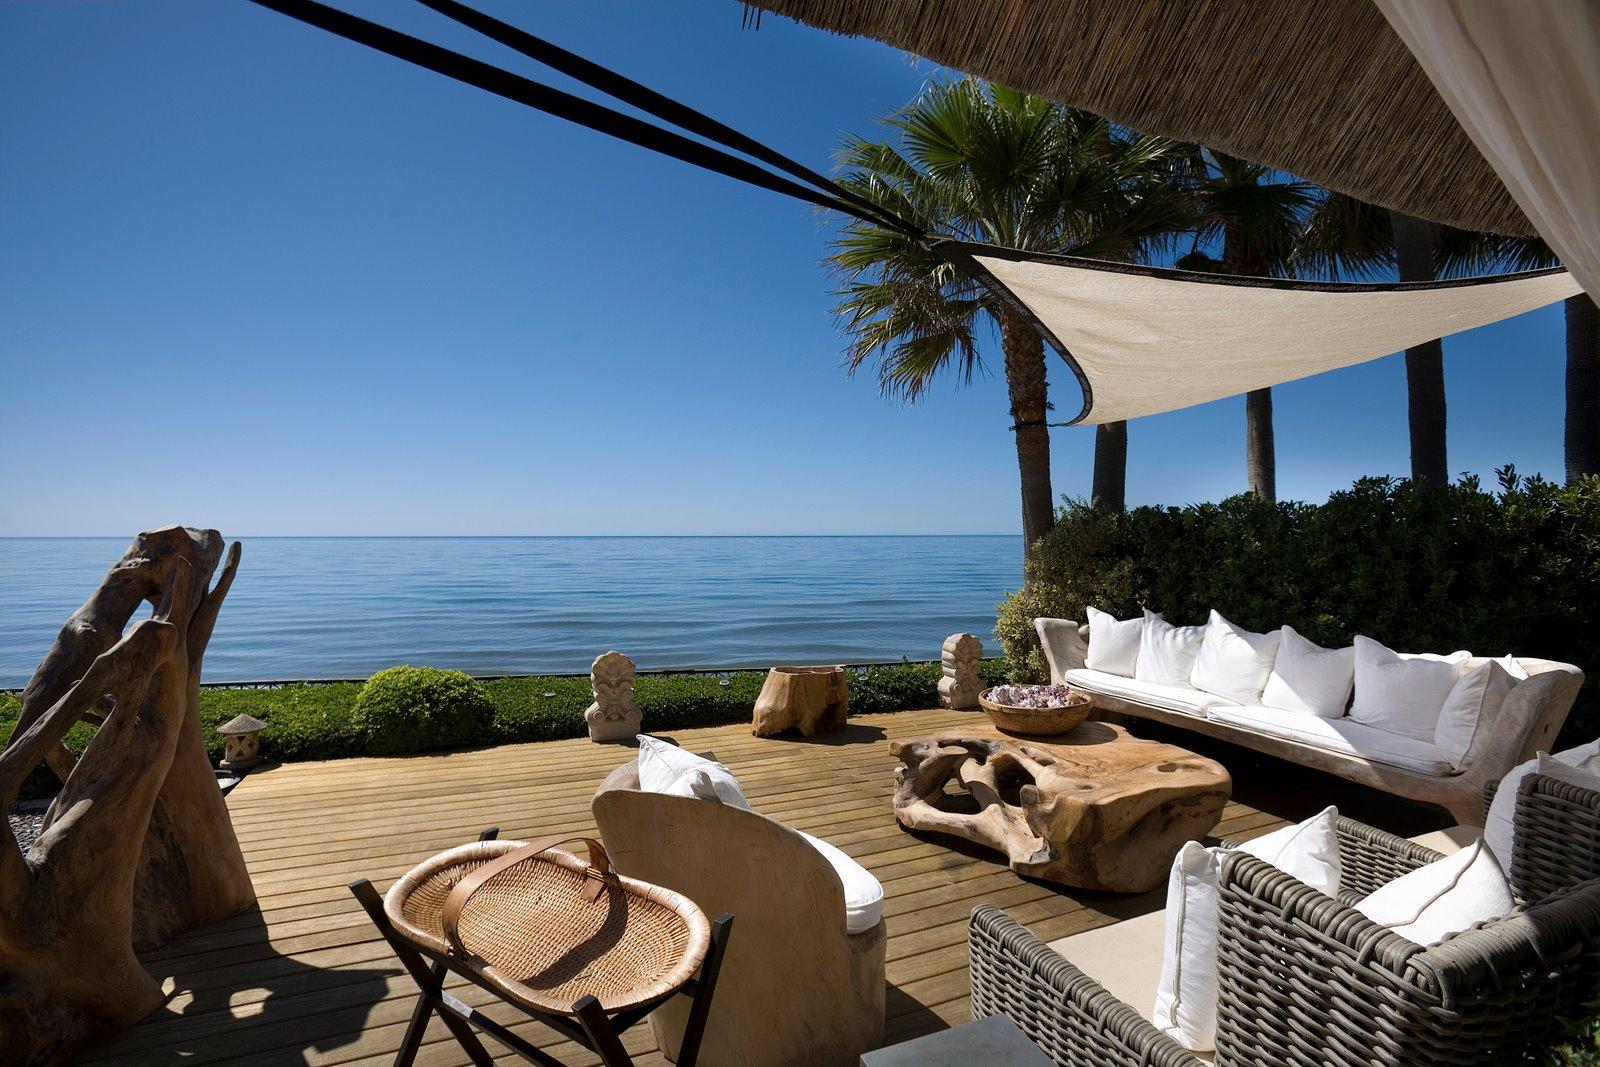 Sea View Villa in Marbella